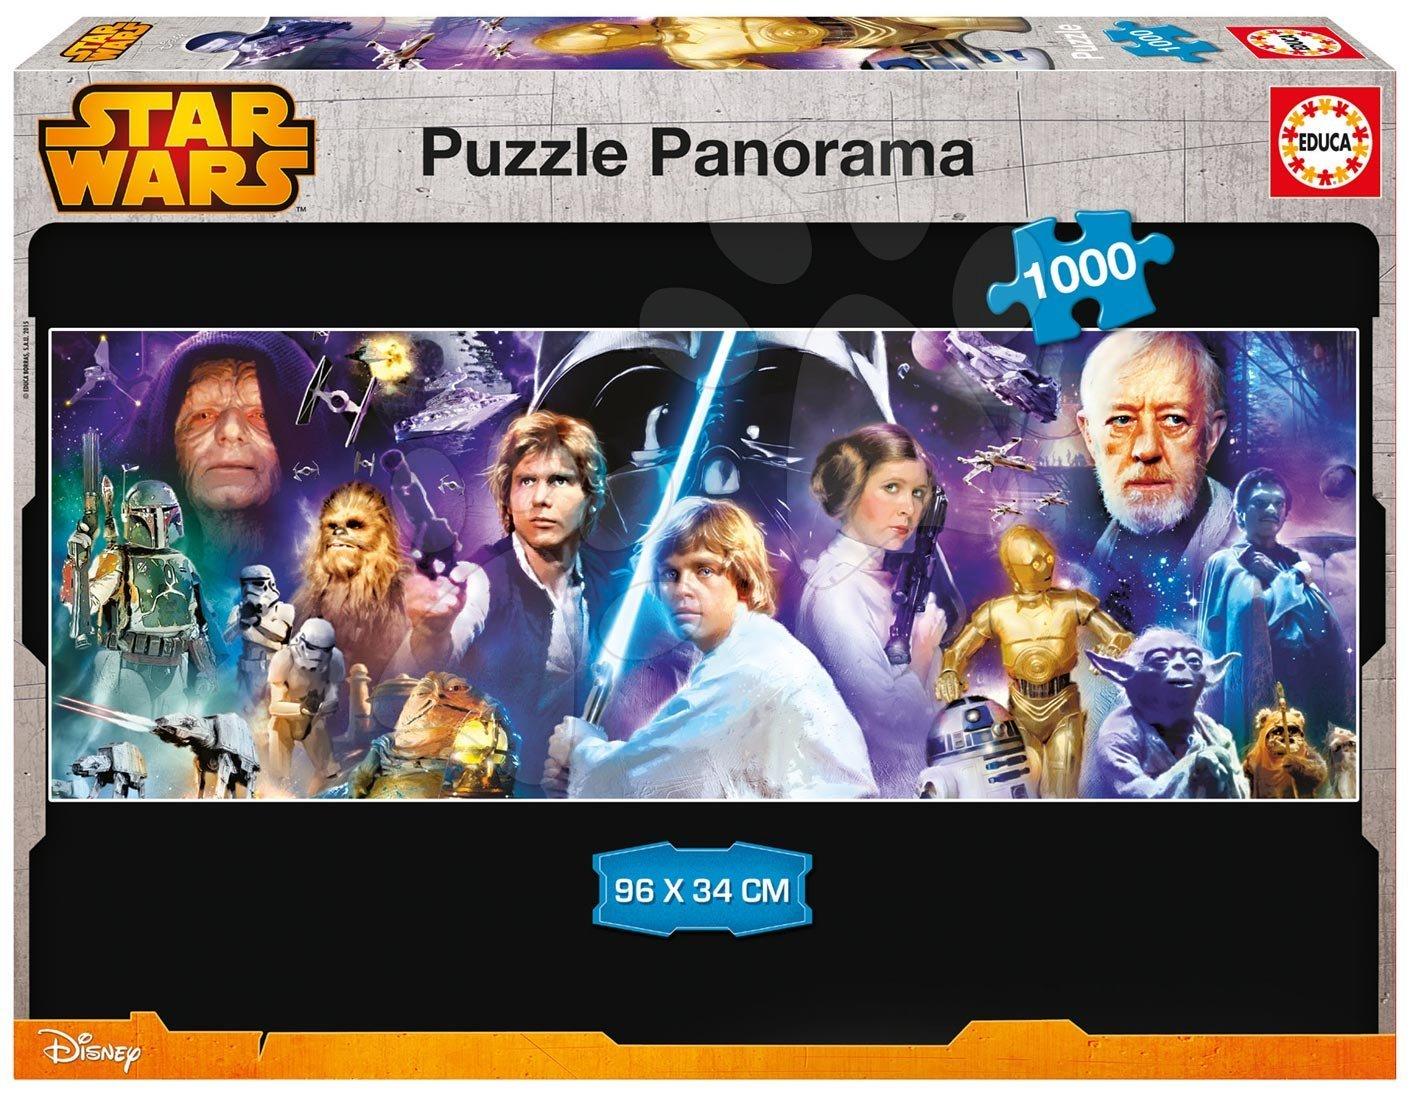 Panorama puzzle - Puzzle Panorama Star Wars Educa 1000 dielov od 12 rokov